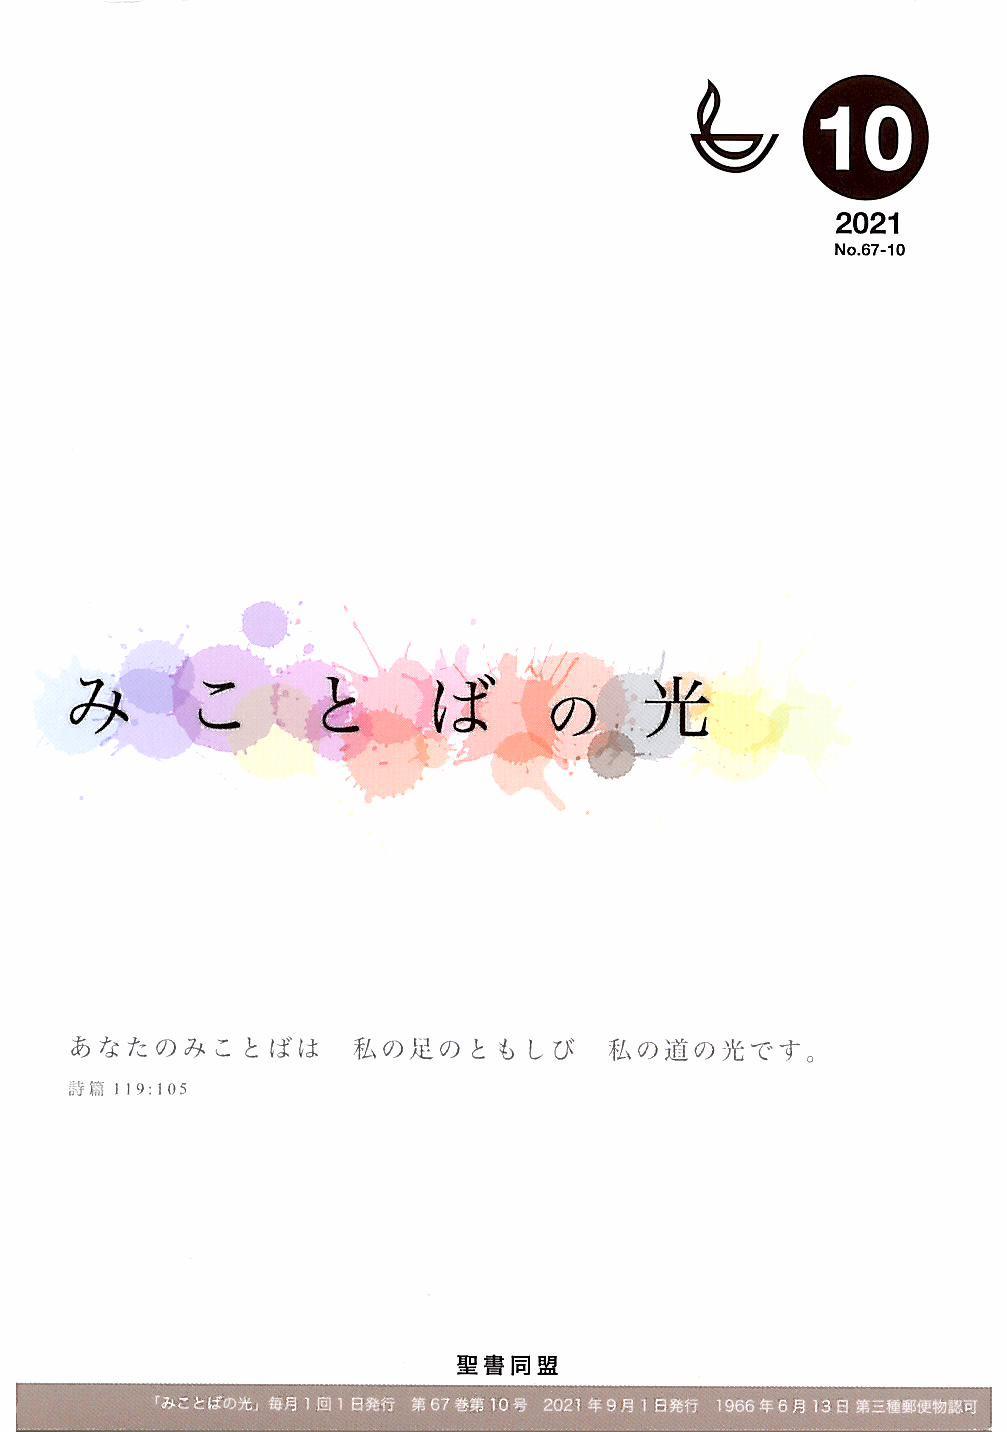 みことばの光 No.67-10 2021年10月の商品画像